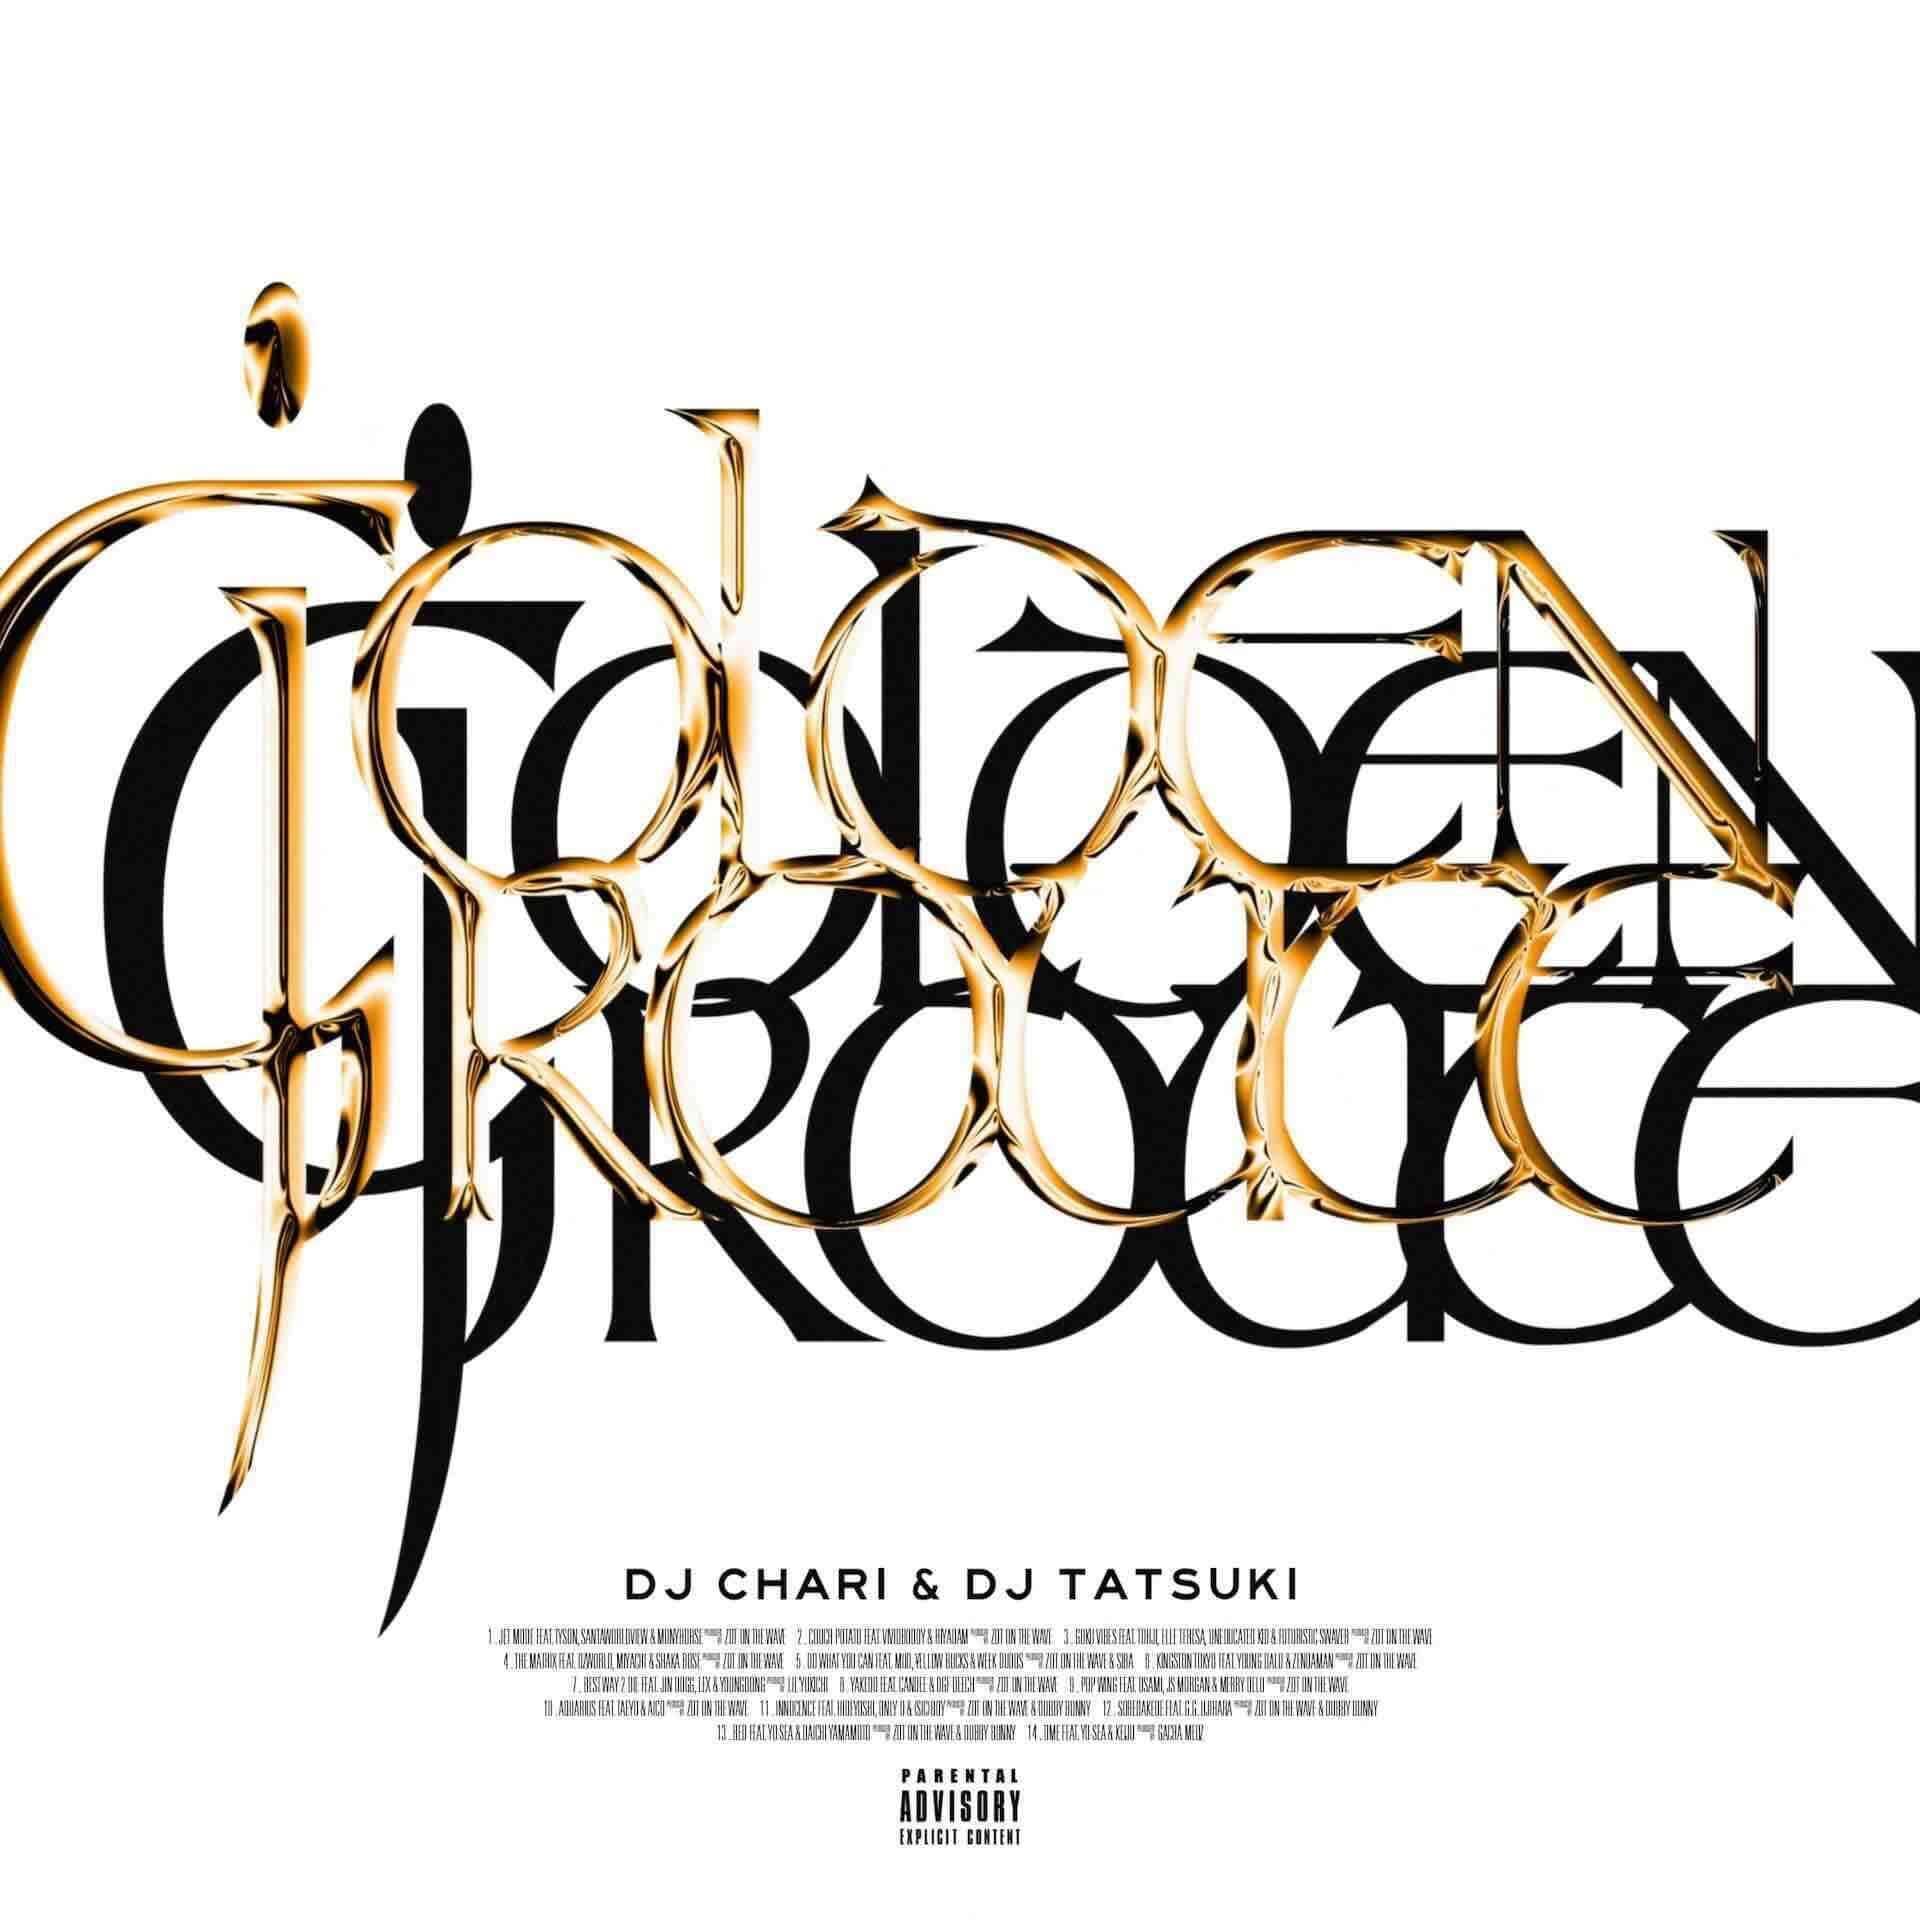 """DJ CHARI & DJ TATSUKIがHideyoshi、Only U、(sic)boyを迎えた新曲""""Innocence""""のMVを公開!アルバム『GOLDEN ROUTE』の公式グッズも発売 music210201_djchari-djtatsuki_6-1920x1920"""